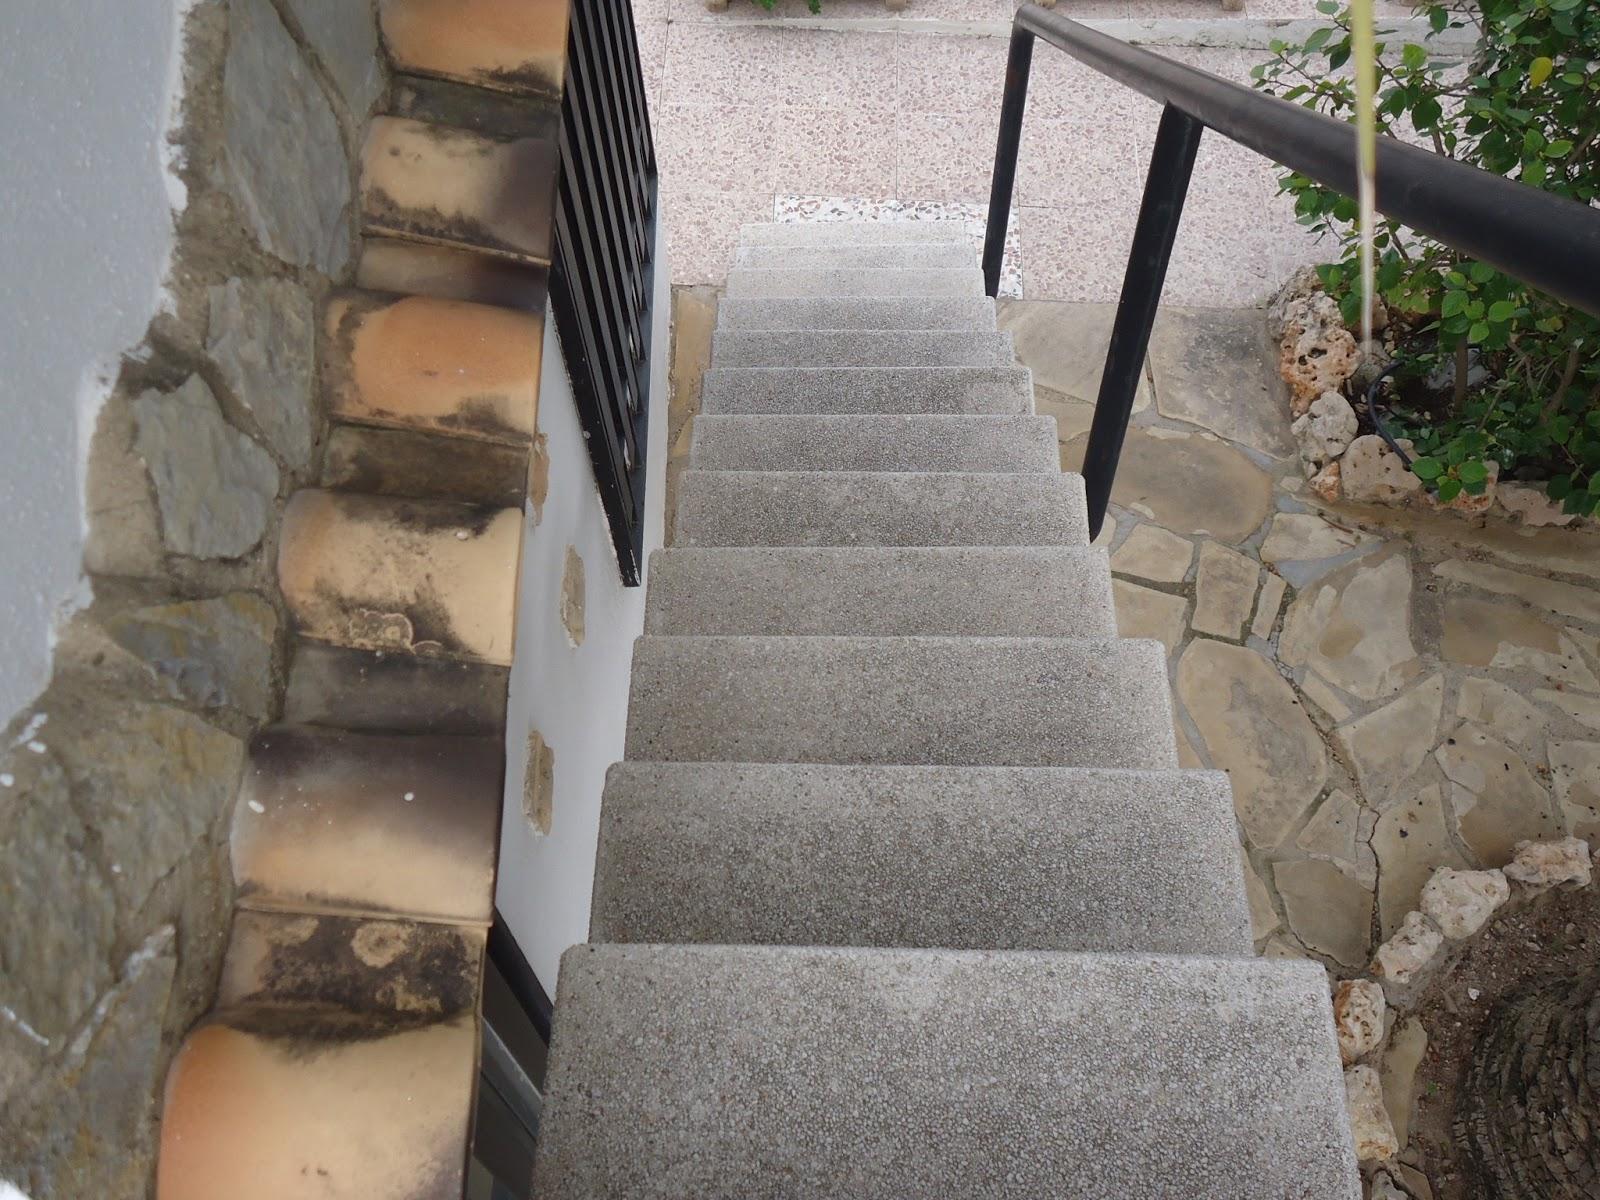 Escaleras para acceder a terraza exterior for Escalera de jardin de madera